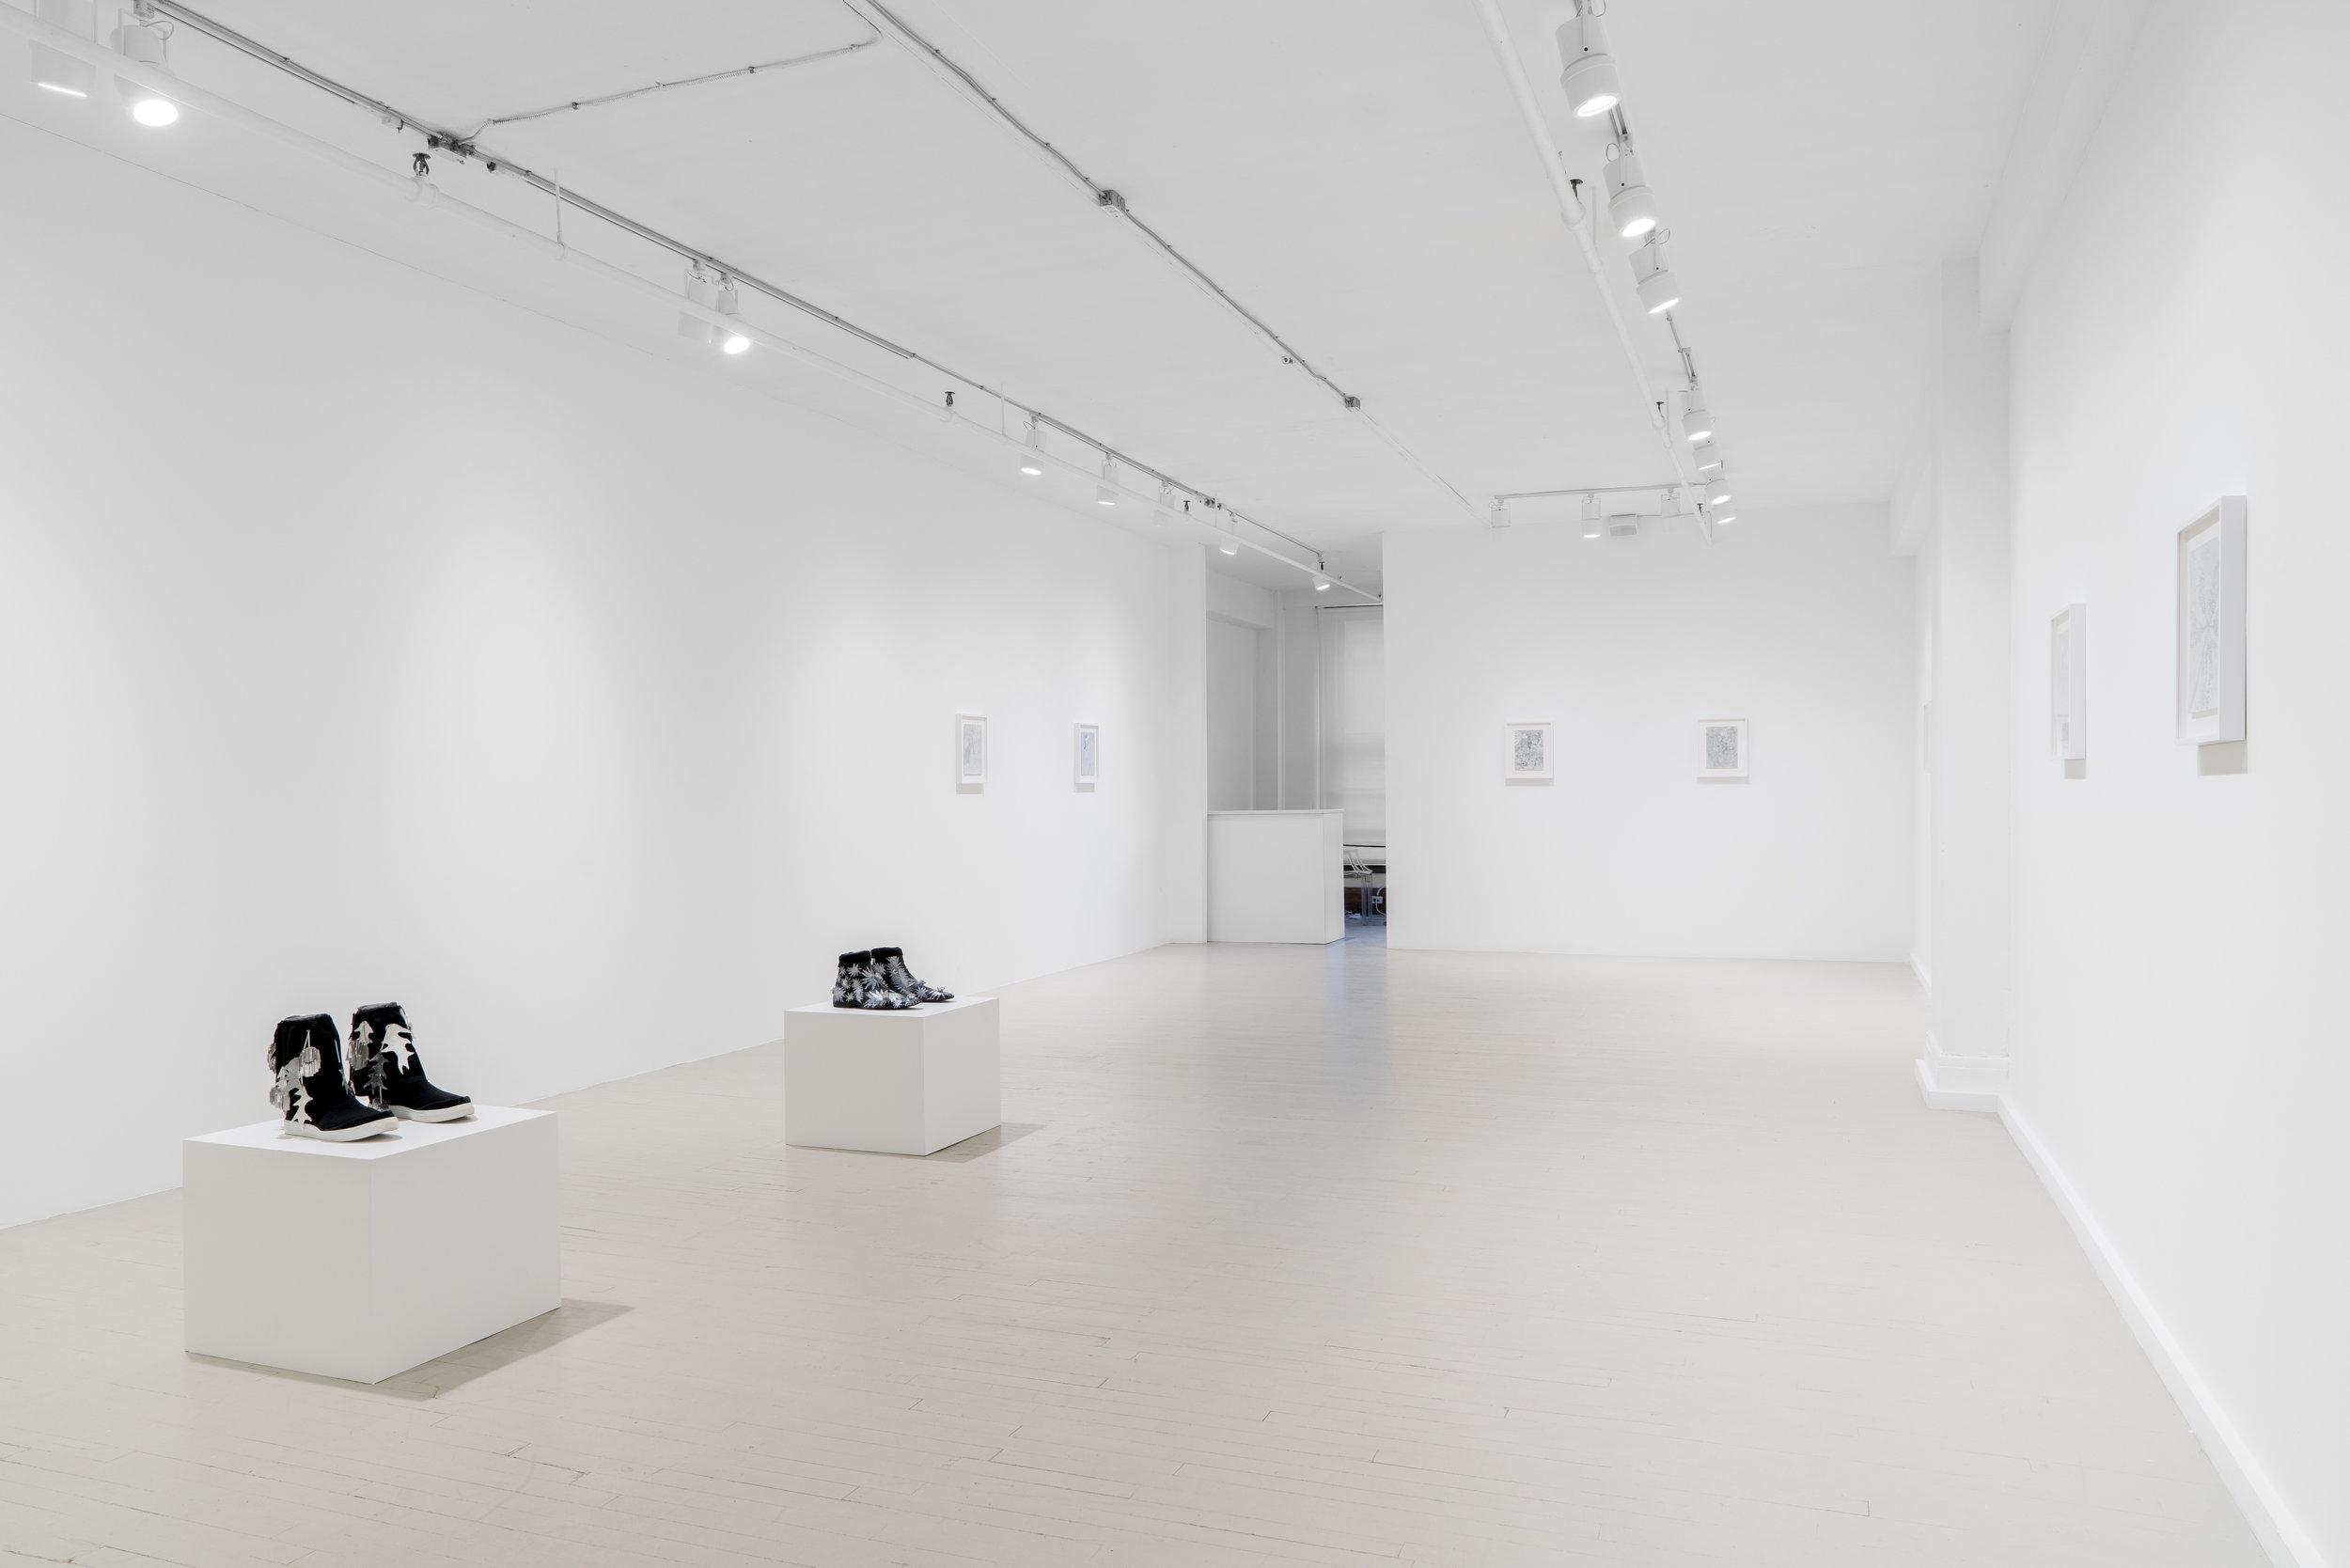 GalerieHuguesCharbonneauAvril2019 (1 of 19).jpg